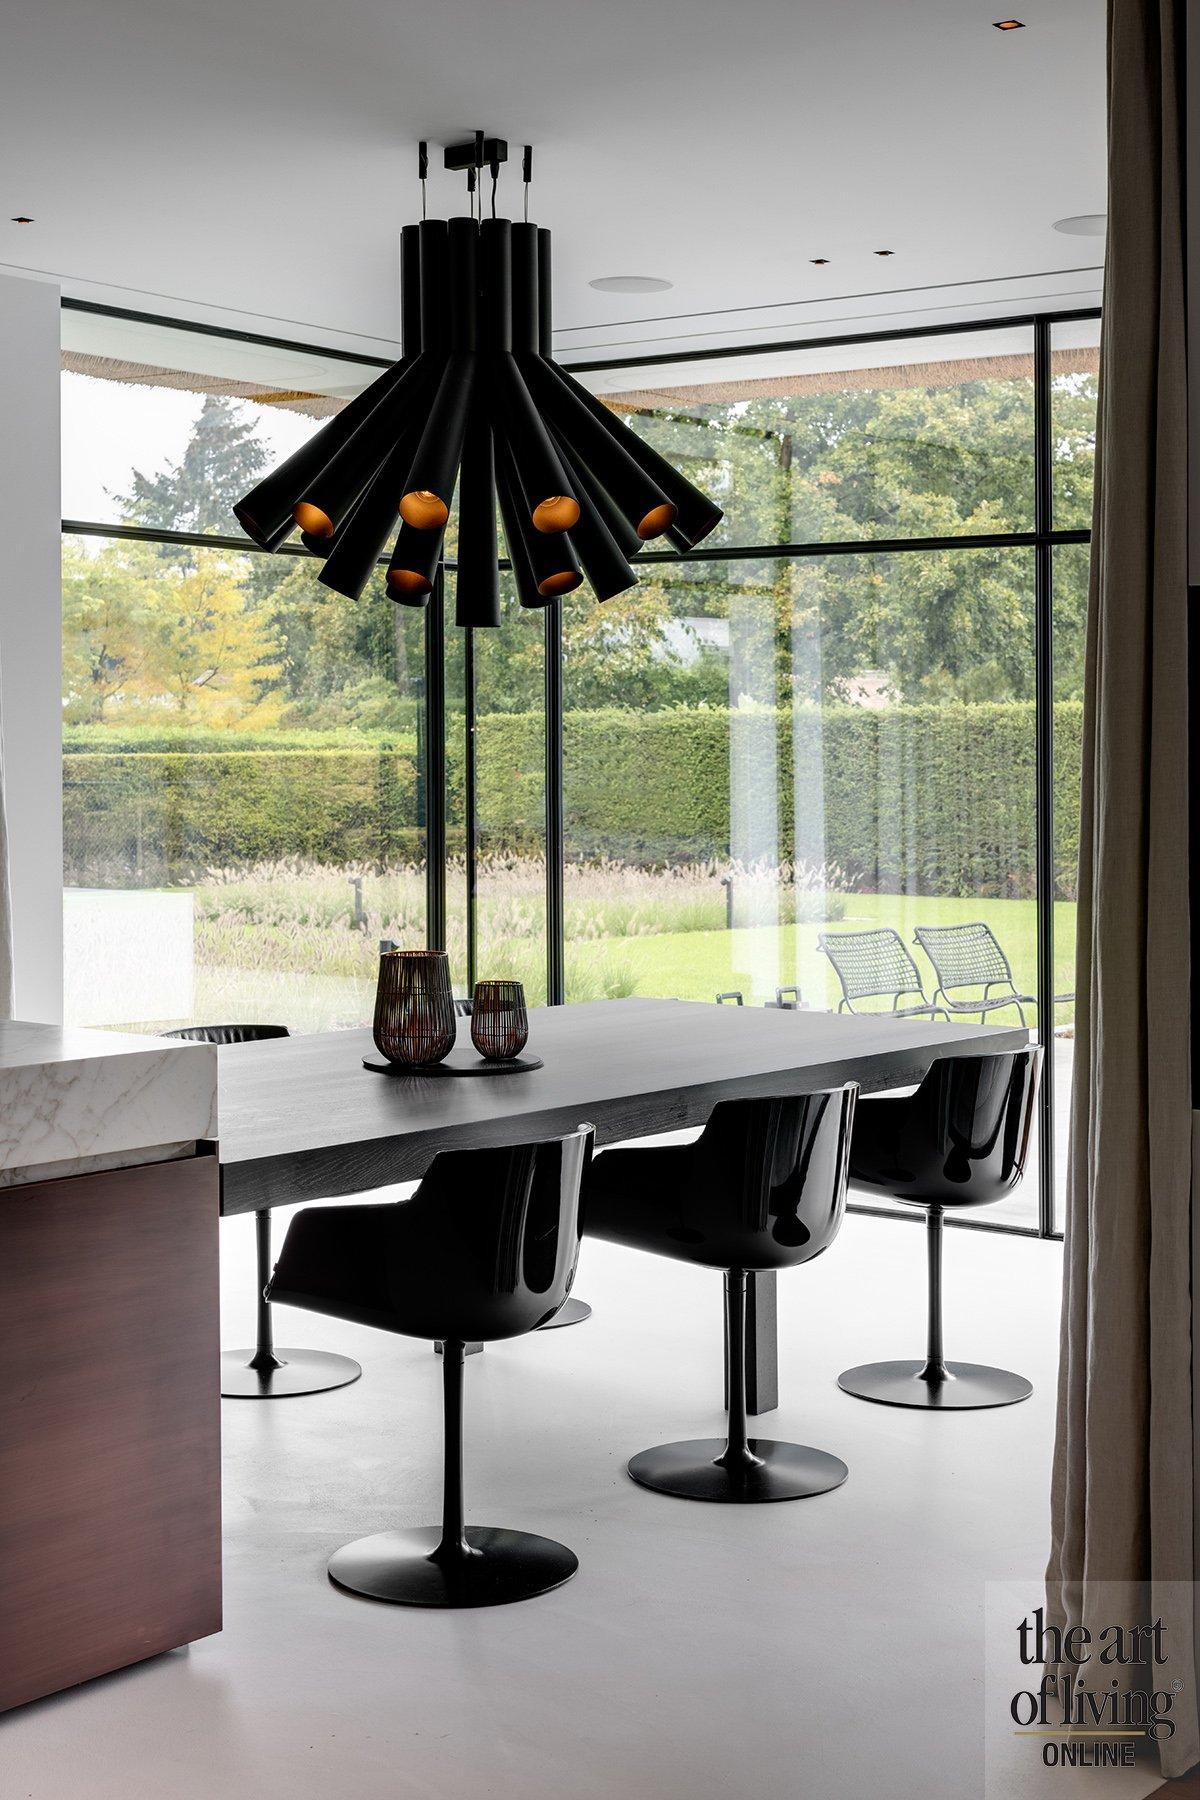 Maatwerk interieur, Niels Maier, the art of living